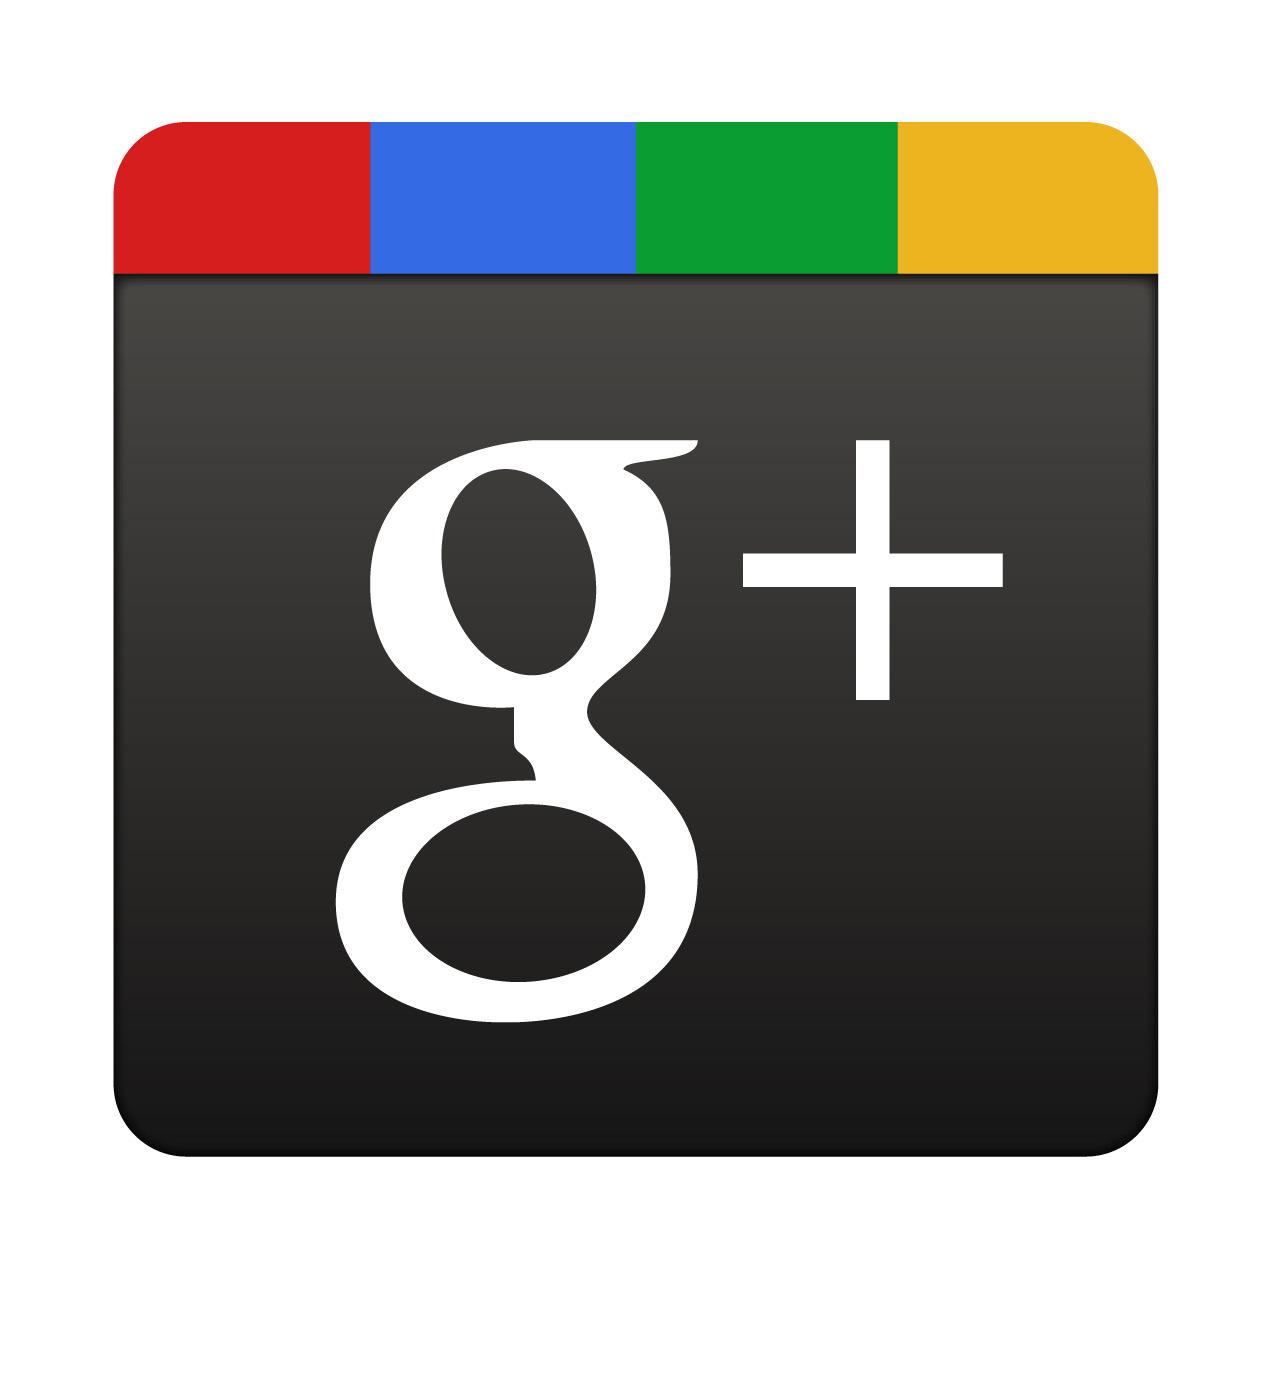 Bo podjetju Google uspel veliki met?